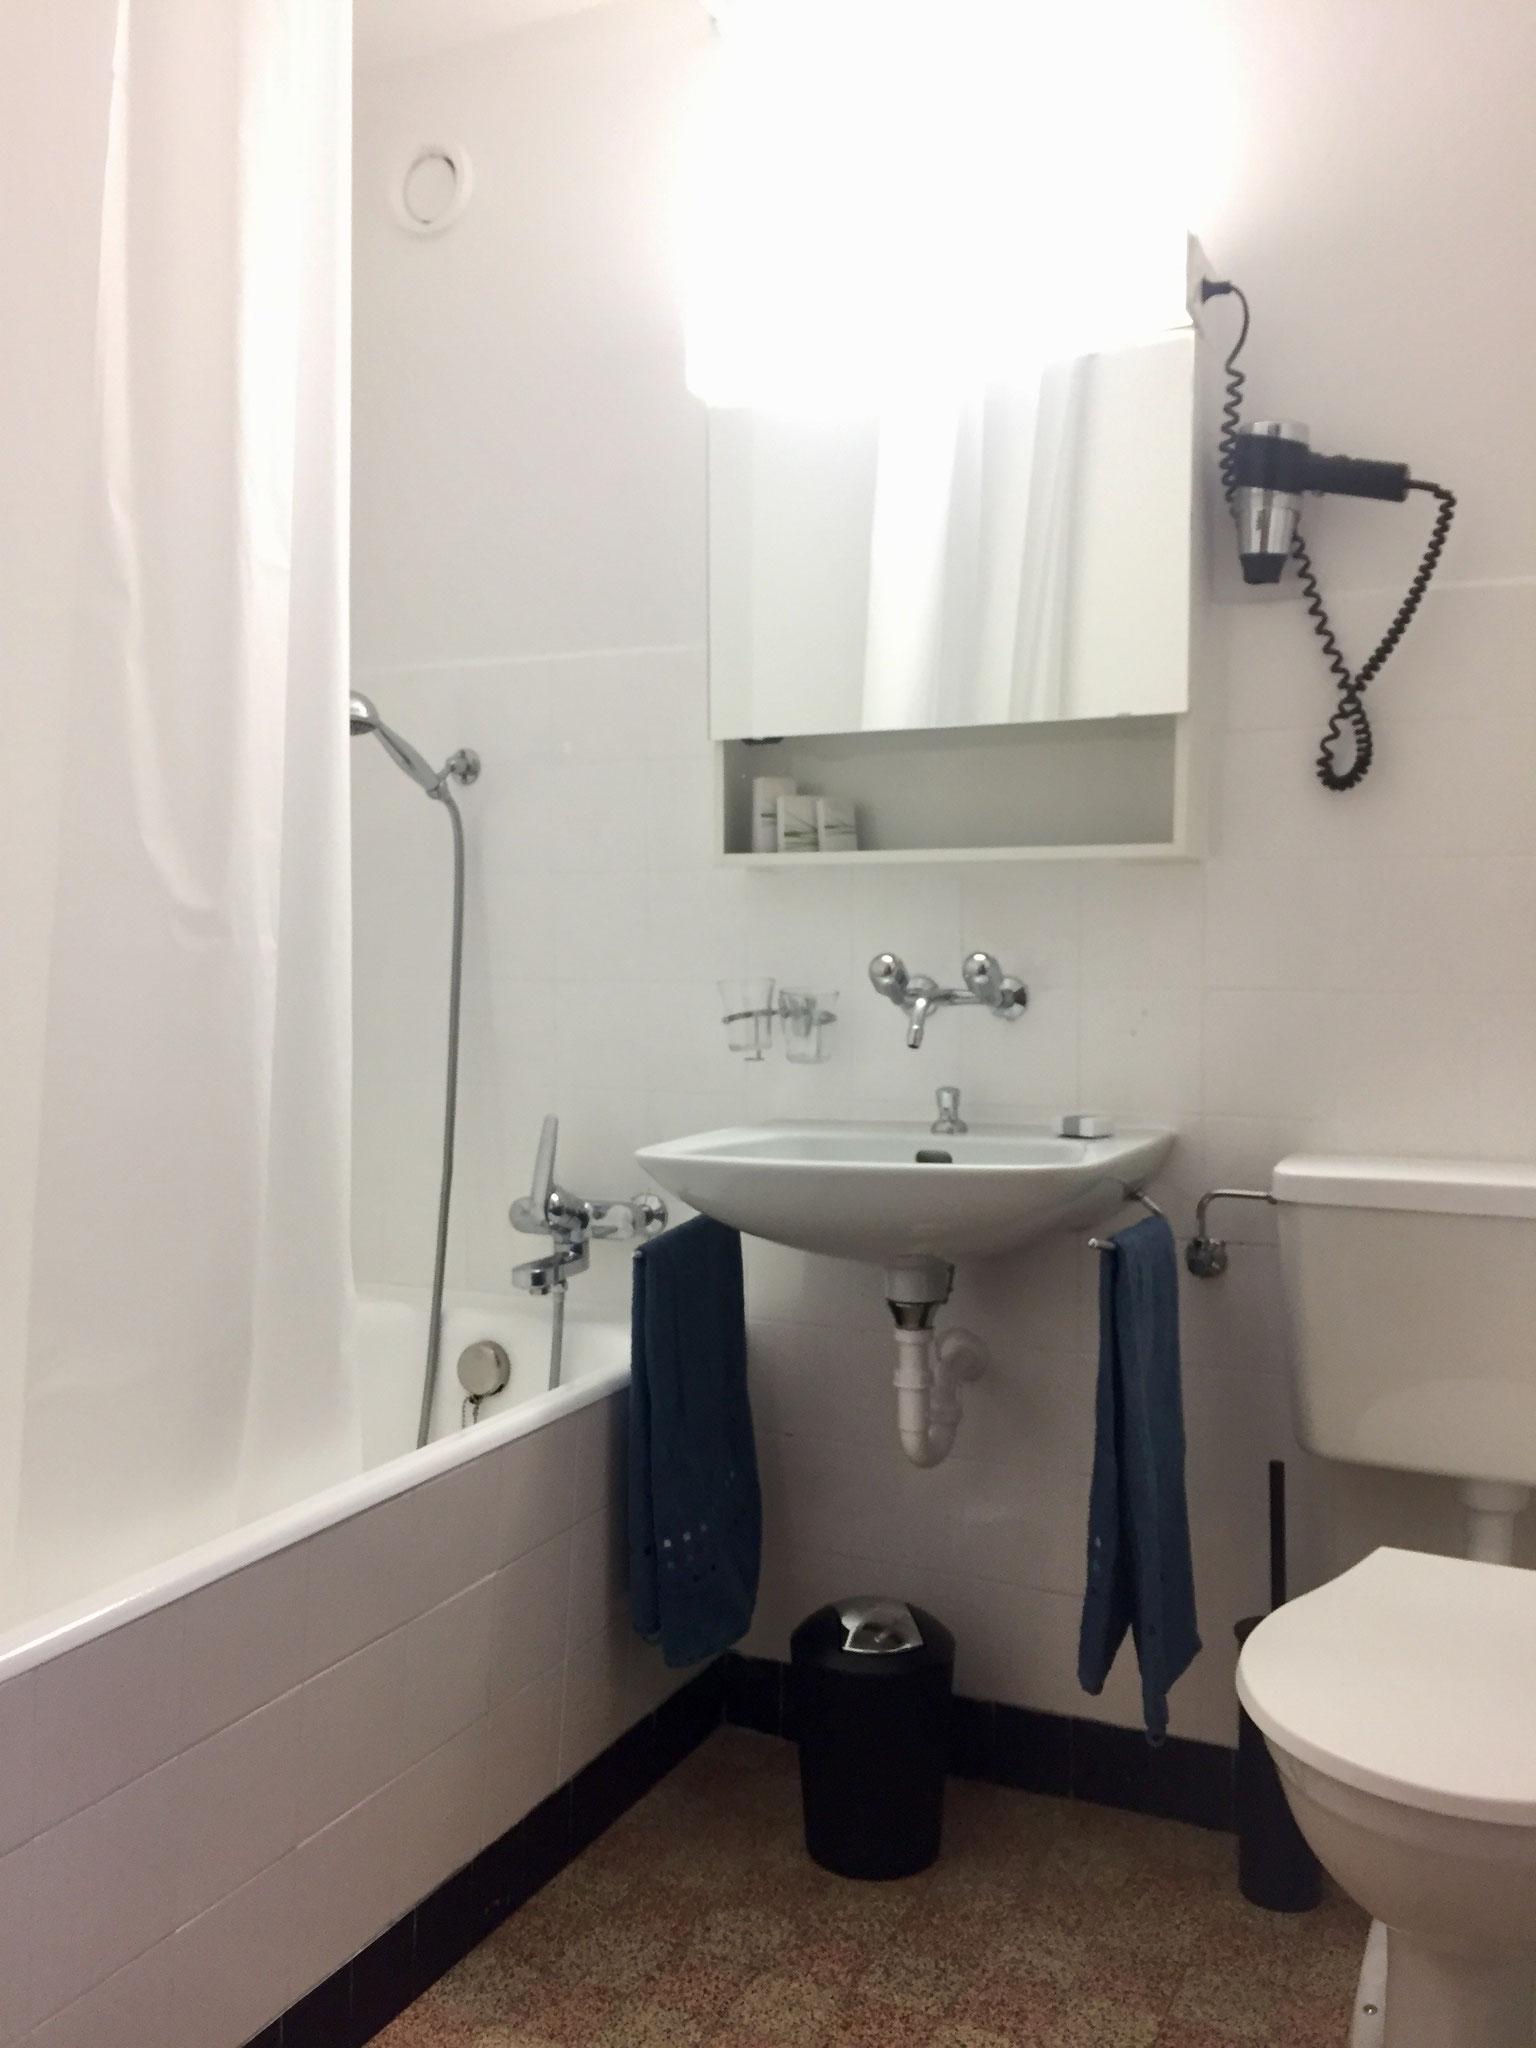 Badezimmer mit Föhn und Pflegeprodukten